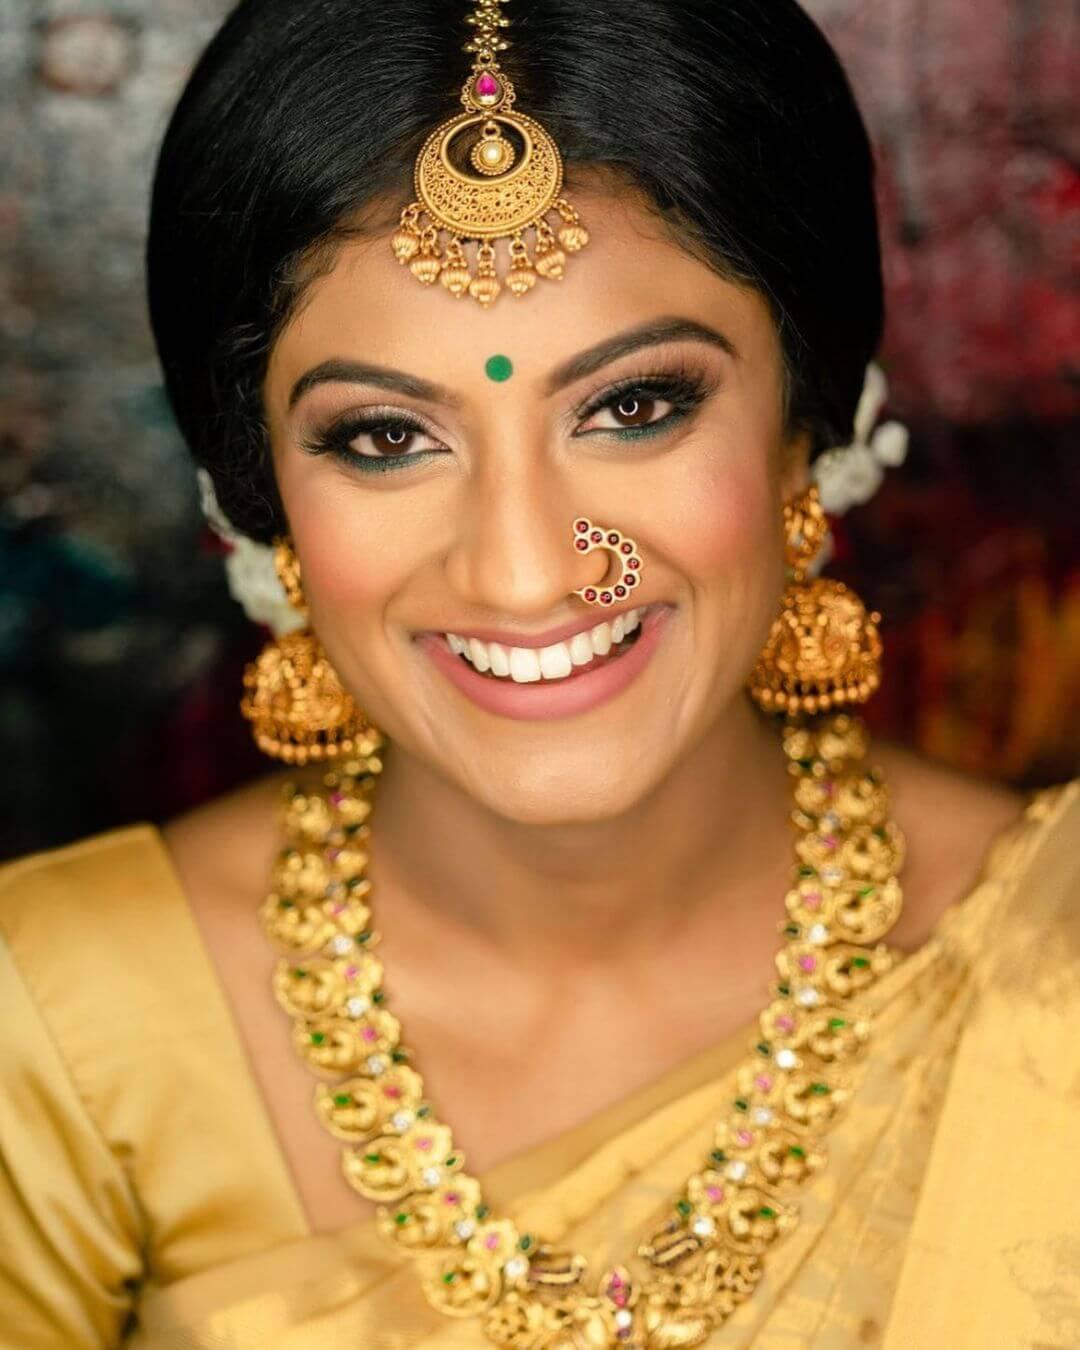 Tamil Bridal Kohl Eye Look